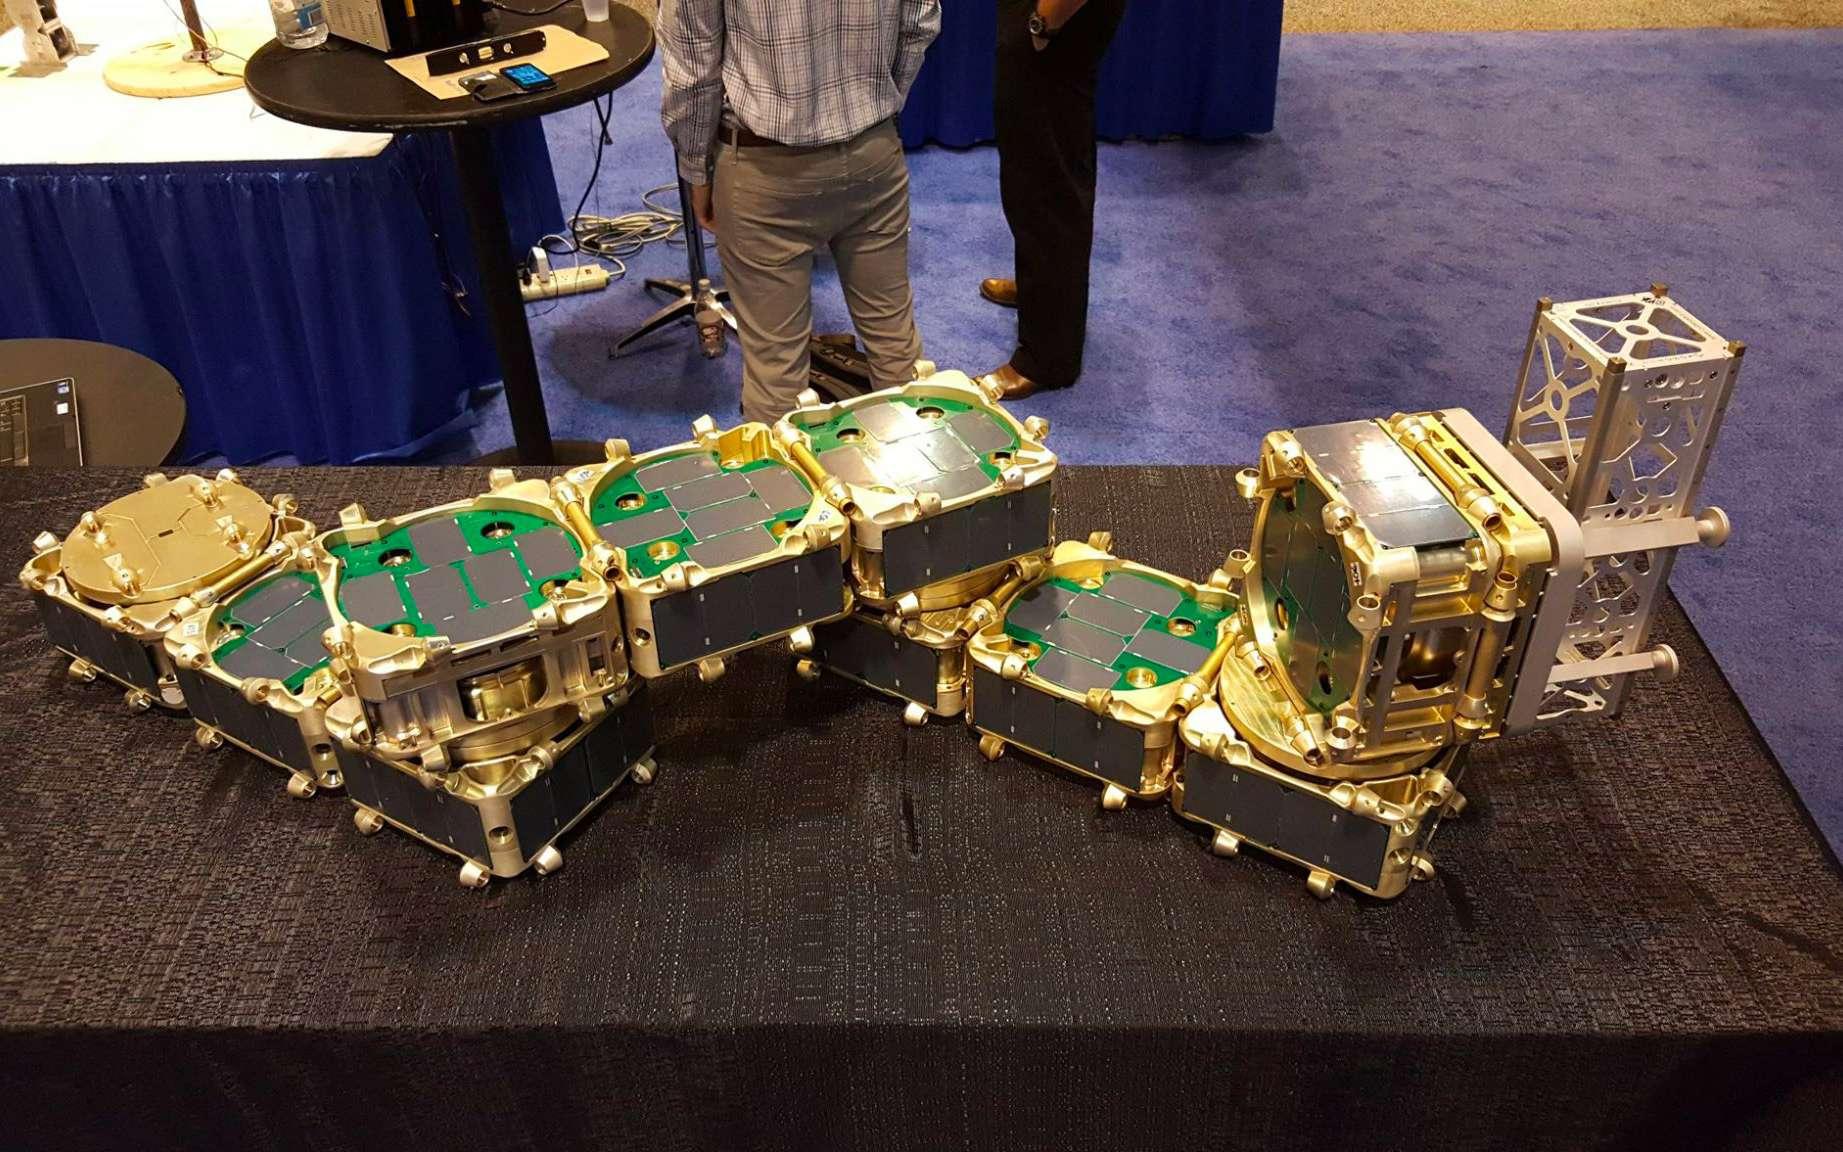 Table Basse Lego Geant hisat, des satellites assemblés en orbite comme des lego